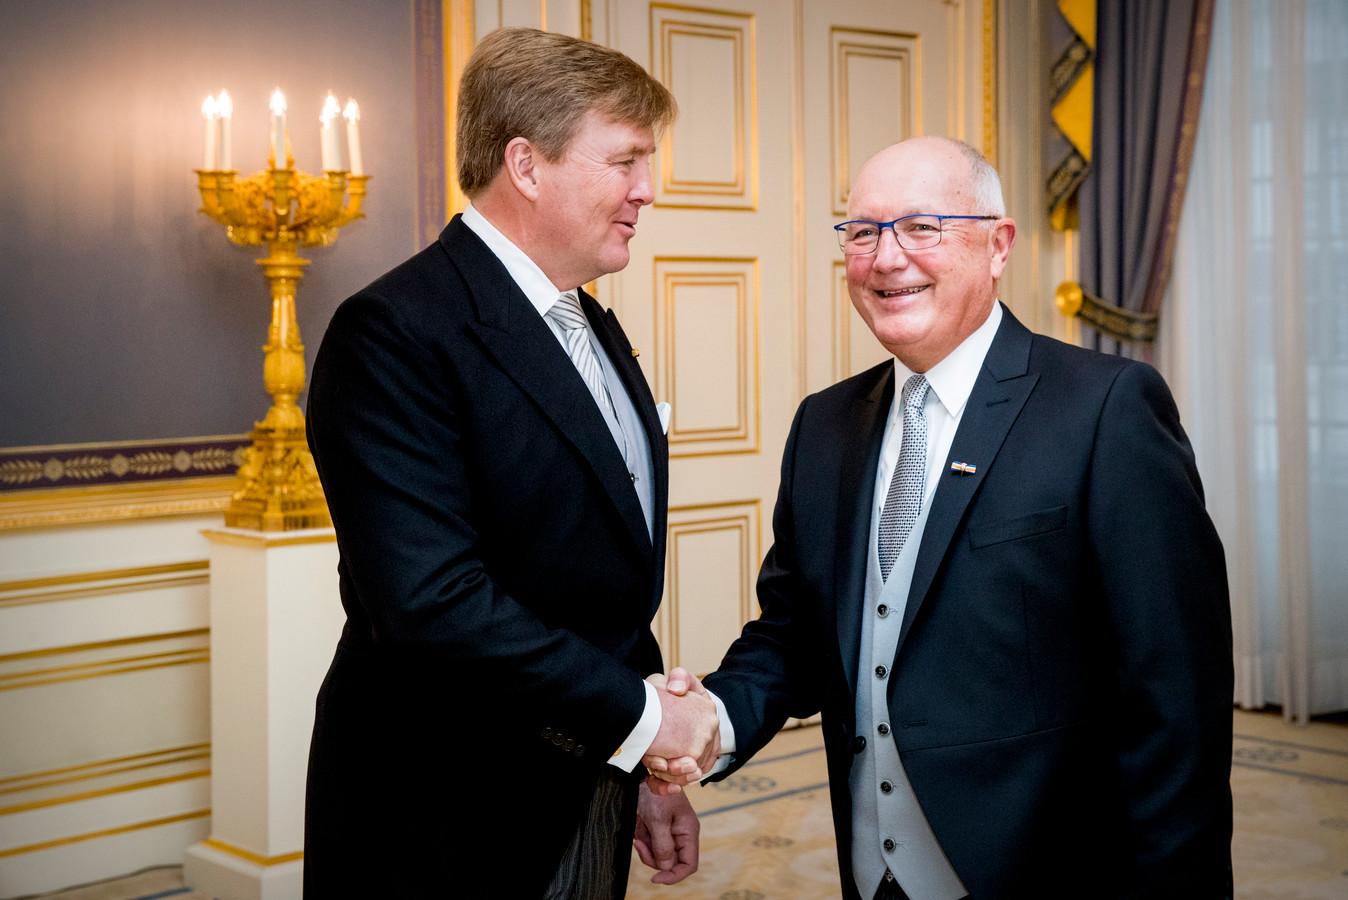 Koning Willem-Alexander ontvangt de geloofsbrieven van de ambassadeur van de Verenigde Staten